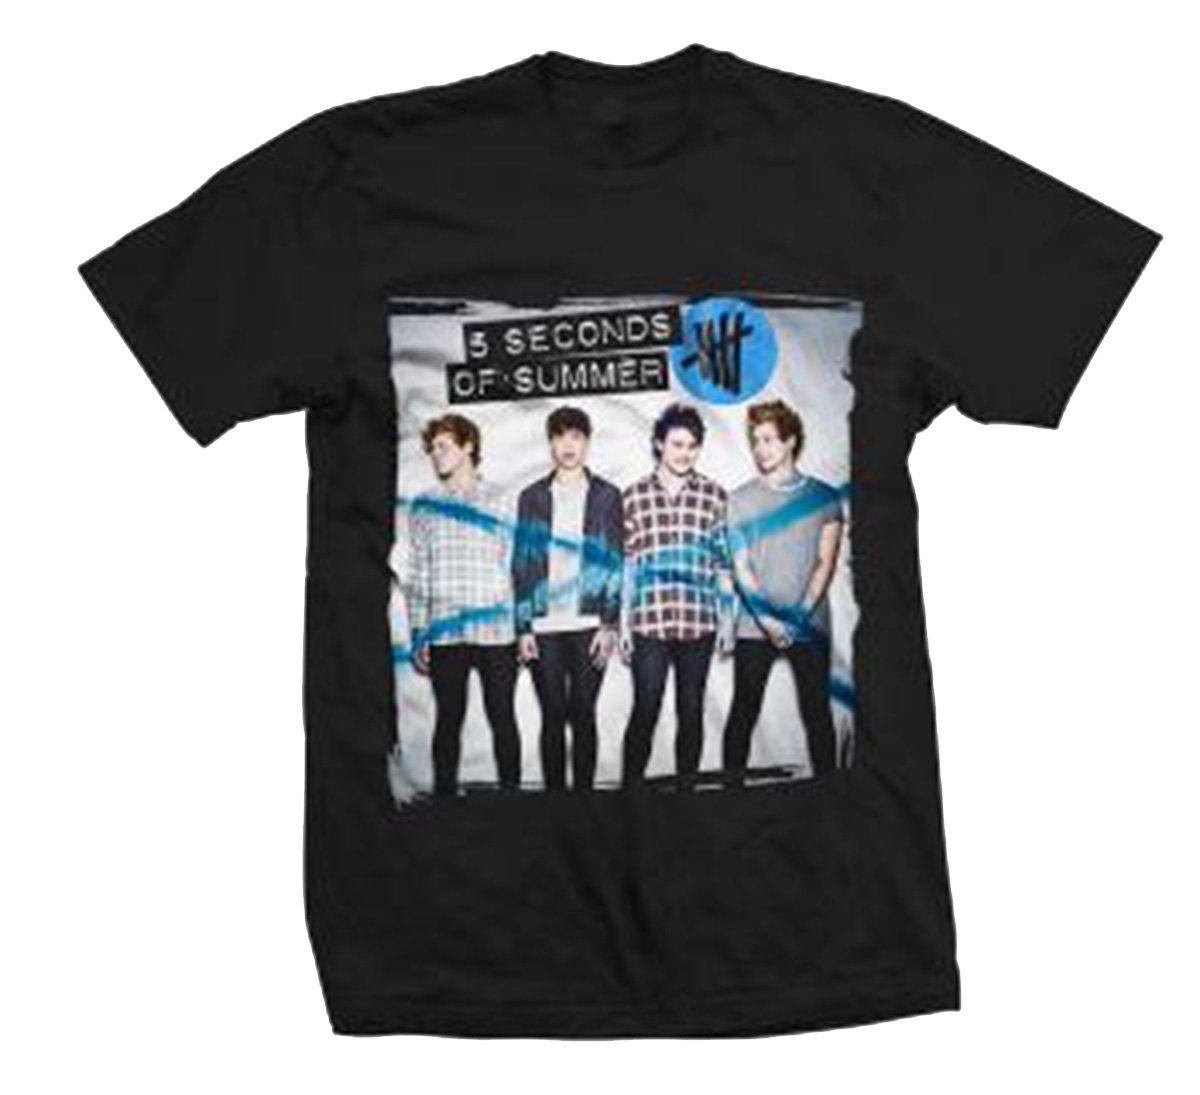 Bravado 5 Seconds of Summer Album Shirt 11 T-shirt-small